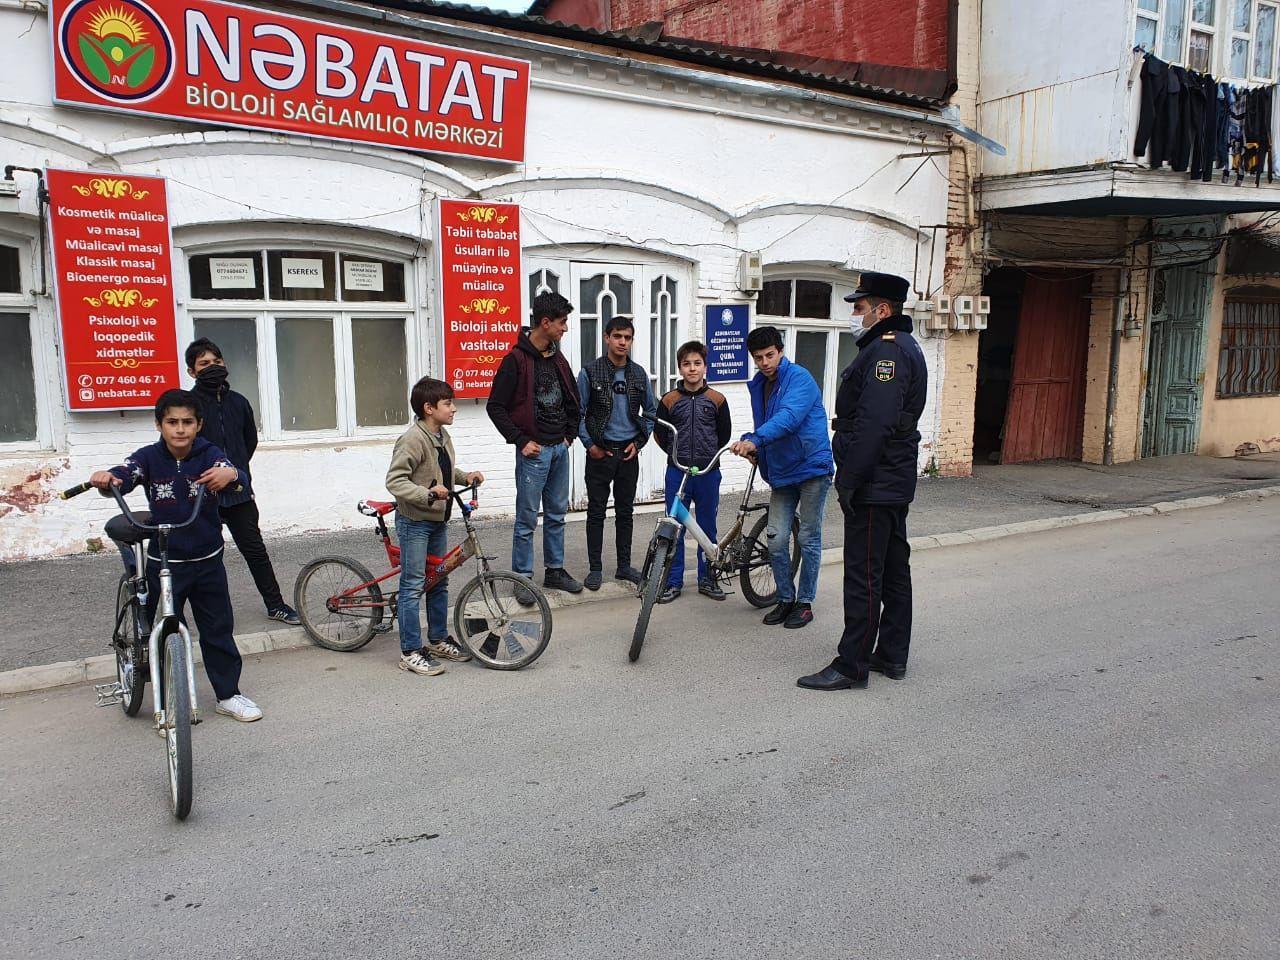 В Губе усилен контроль за соблюдением требований карантина